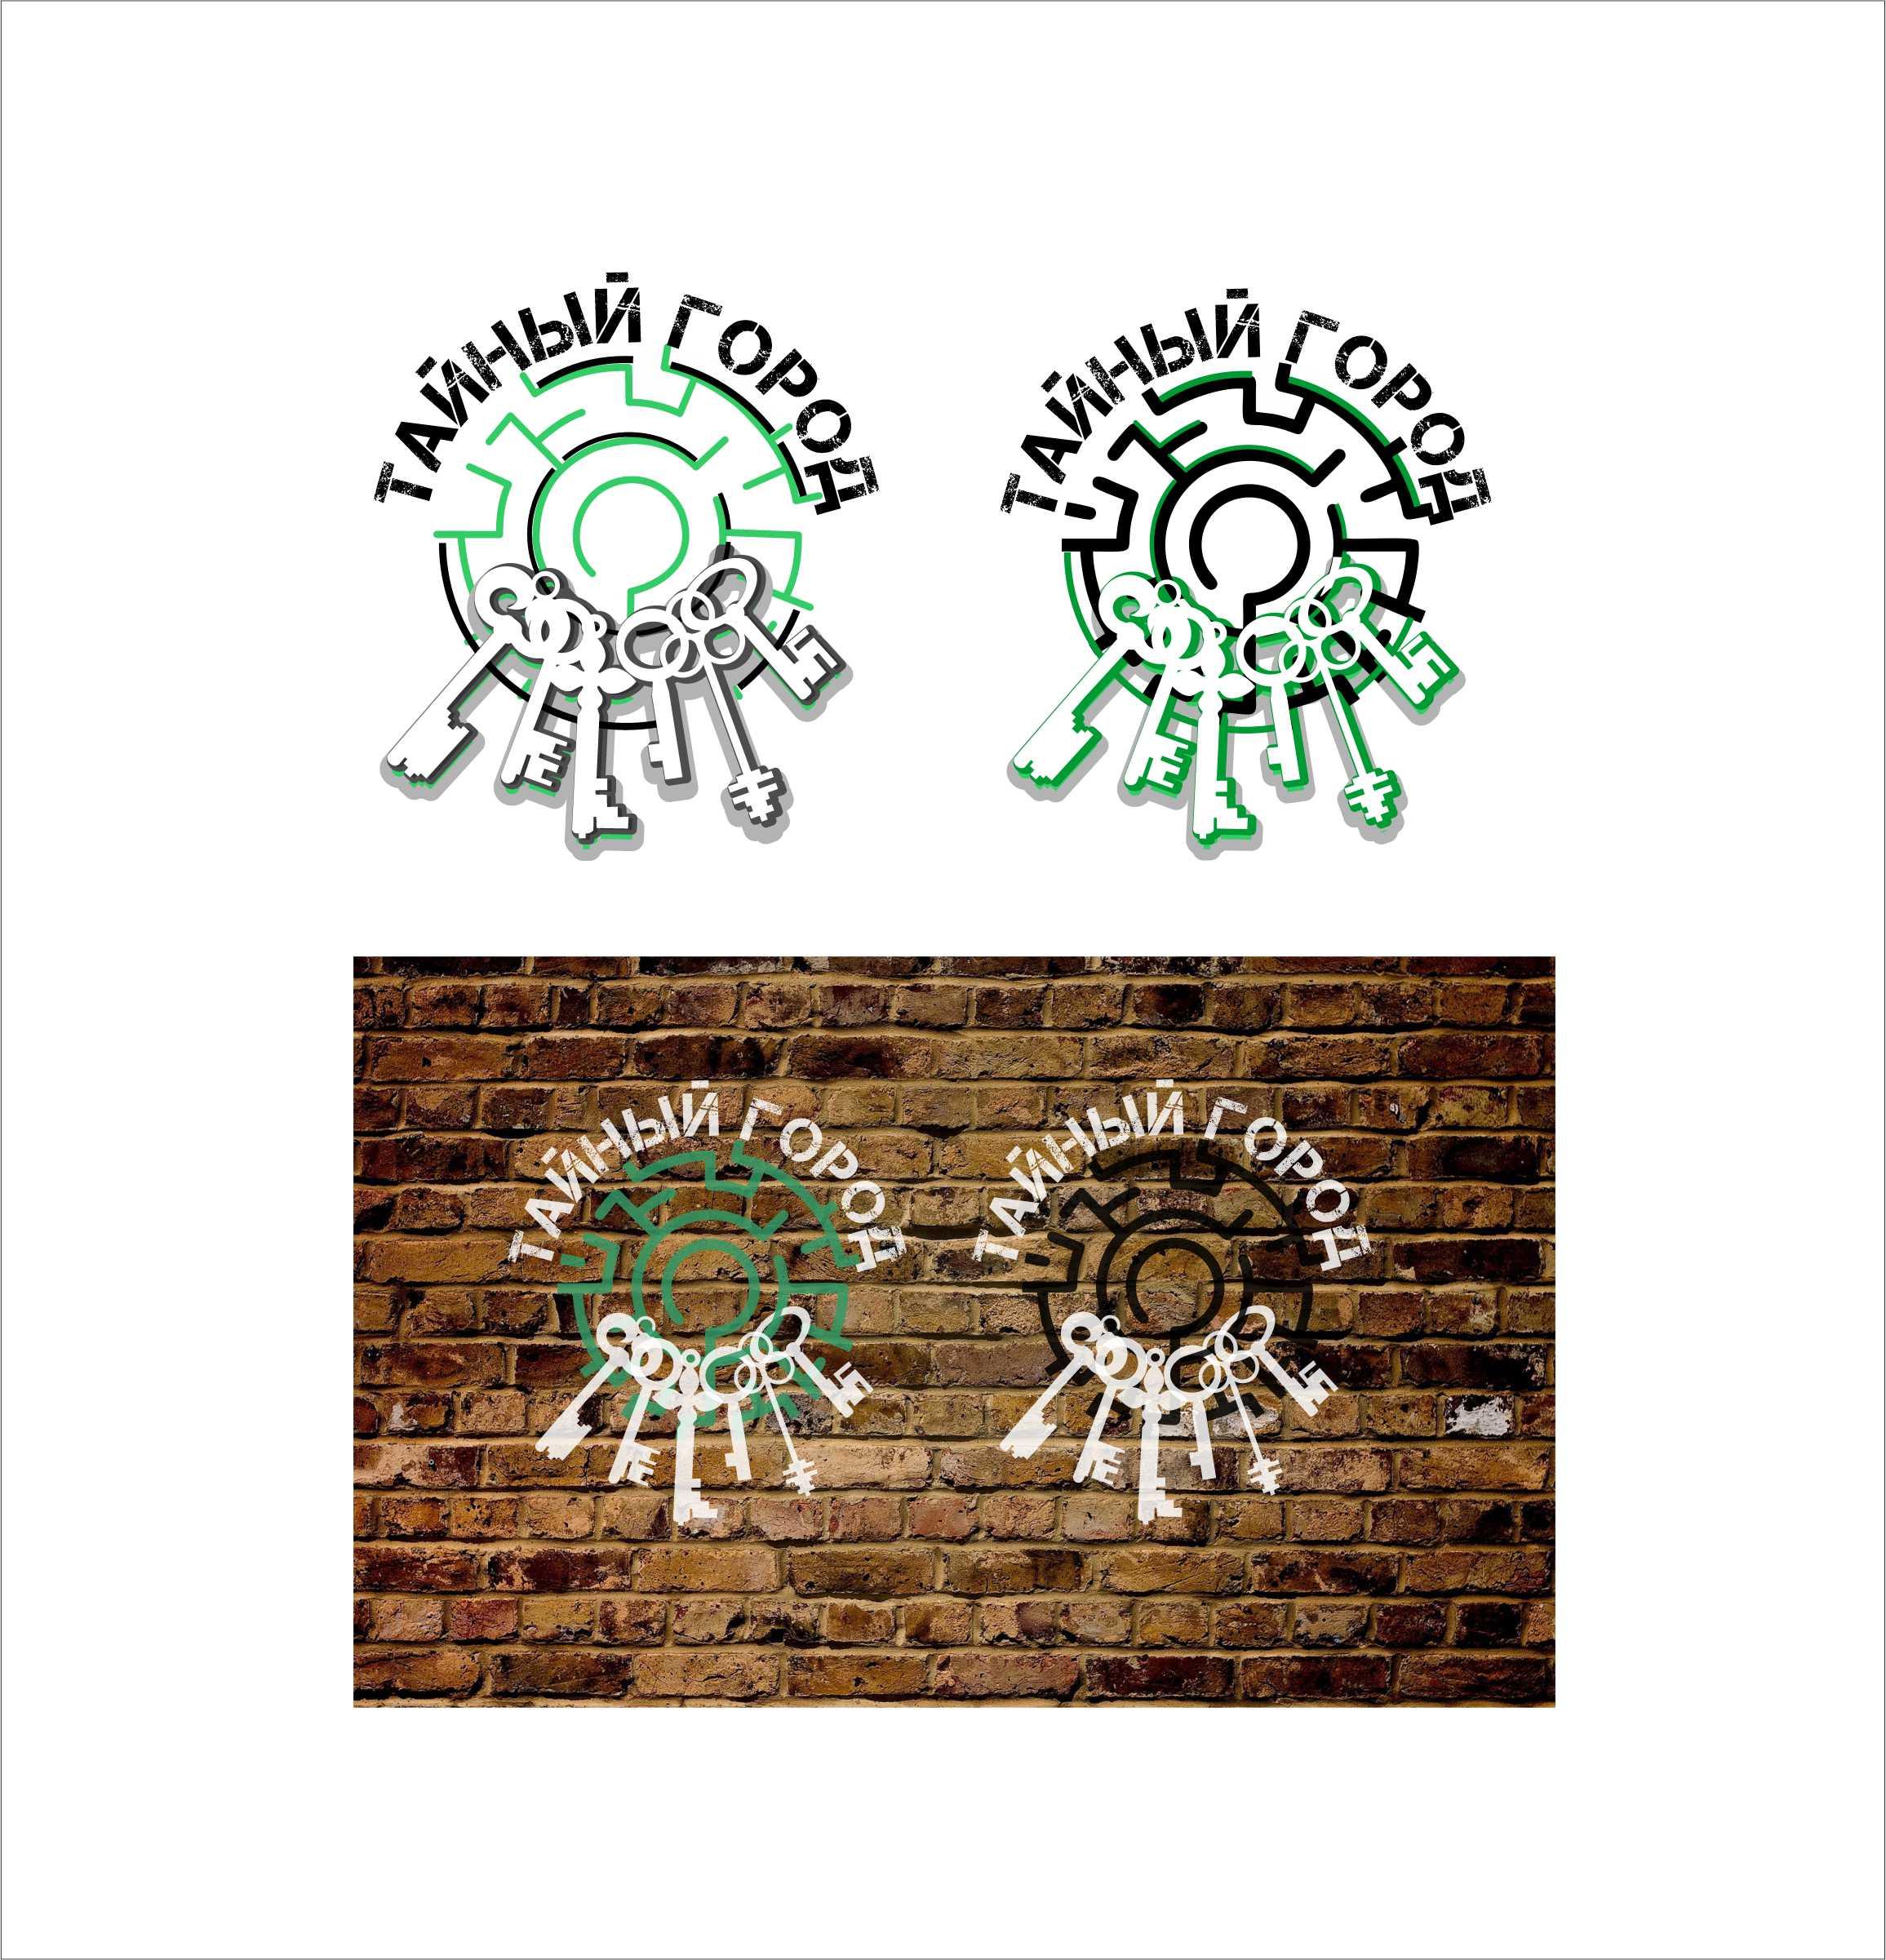 Разработка логотипа и шрифтов для Квеста  фото f_5735b4641d067e29.jpg